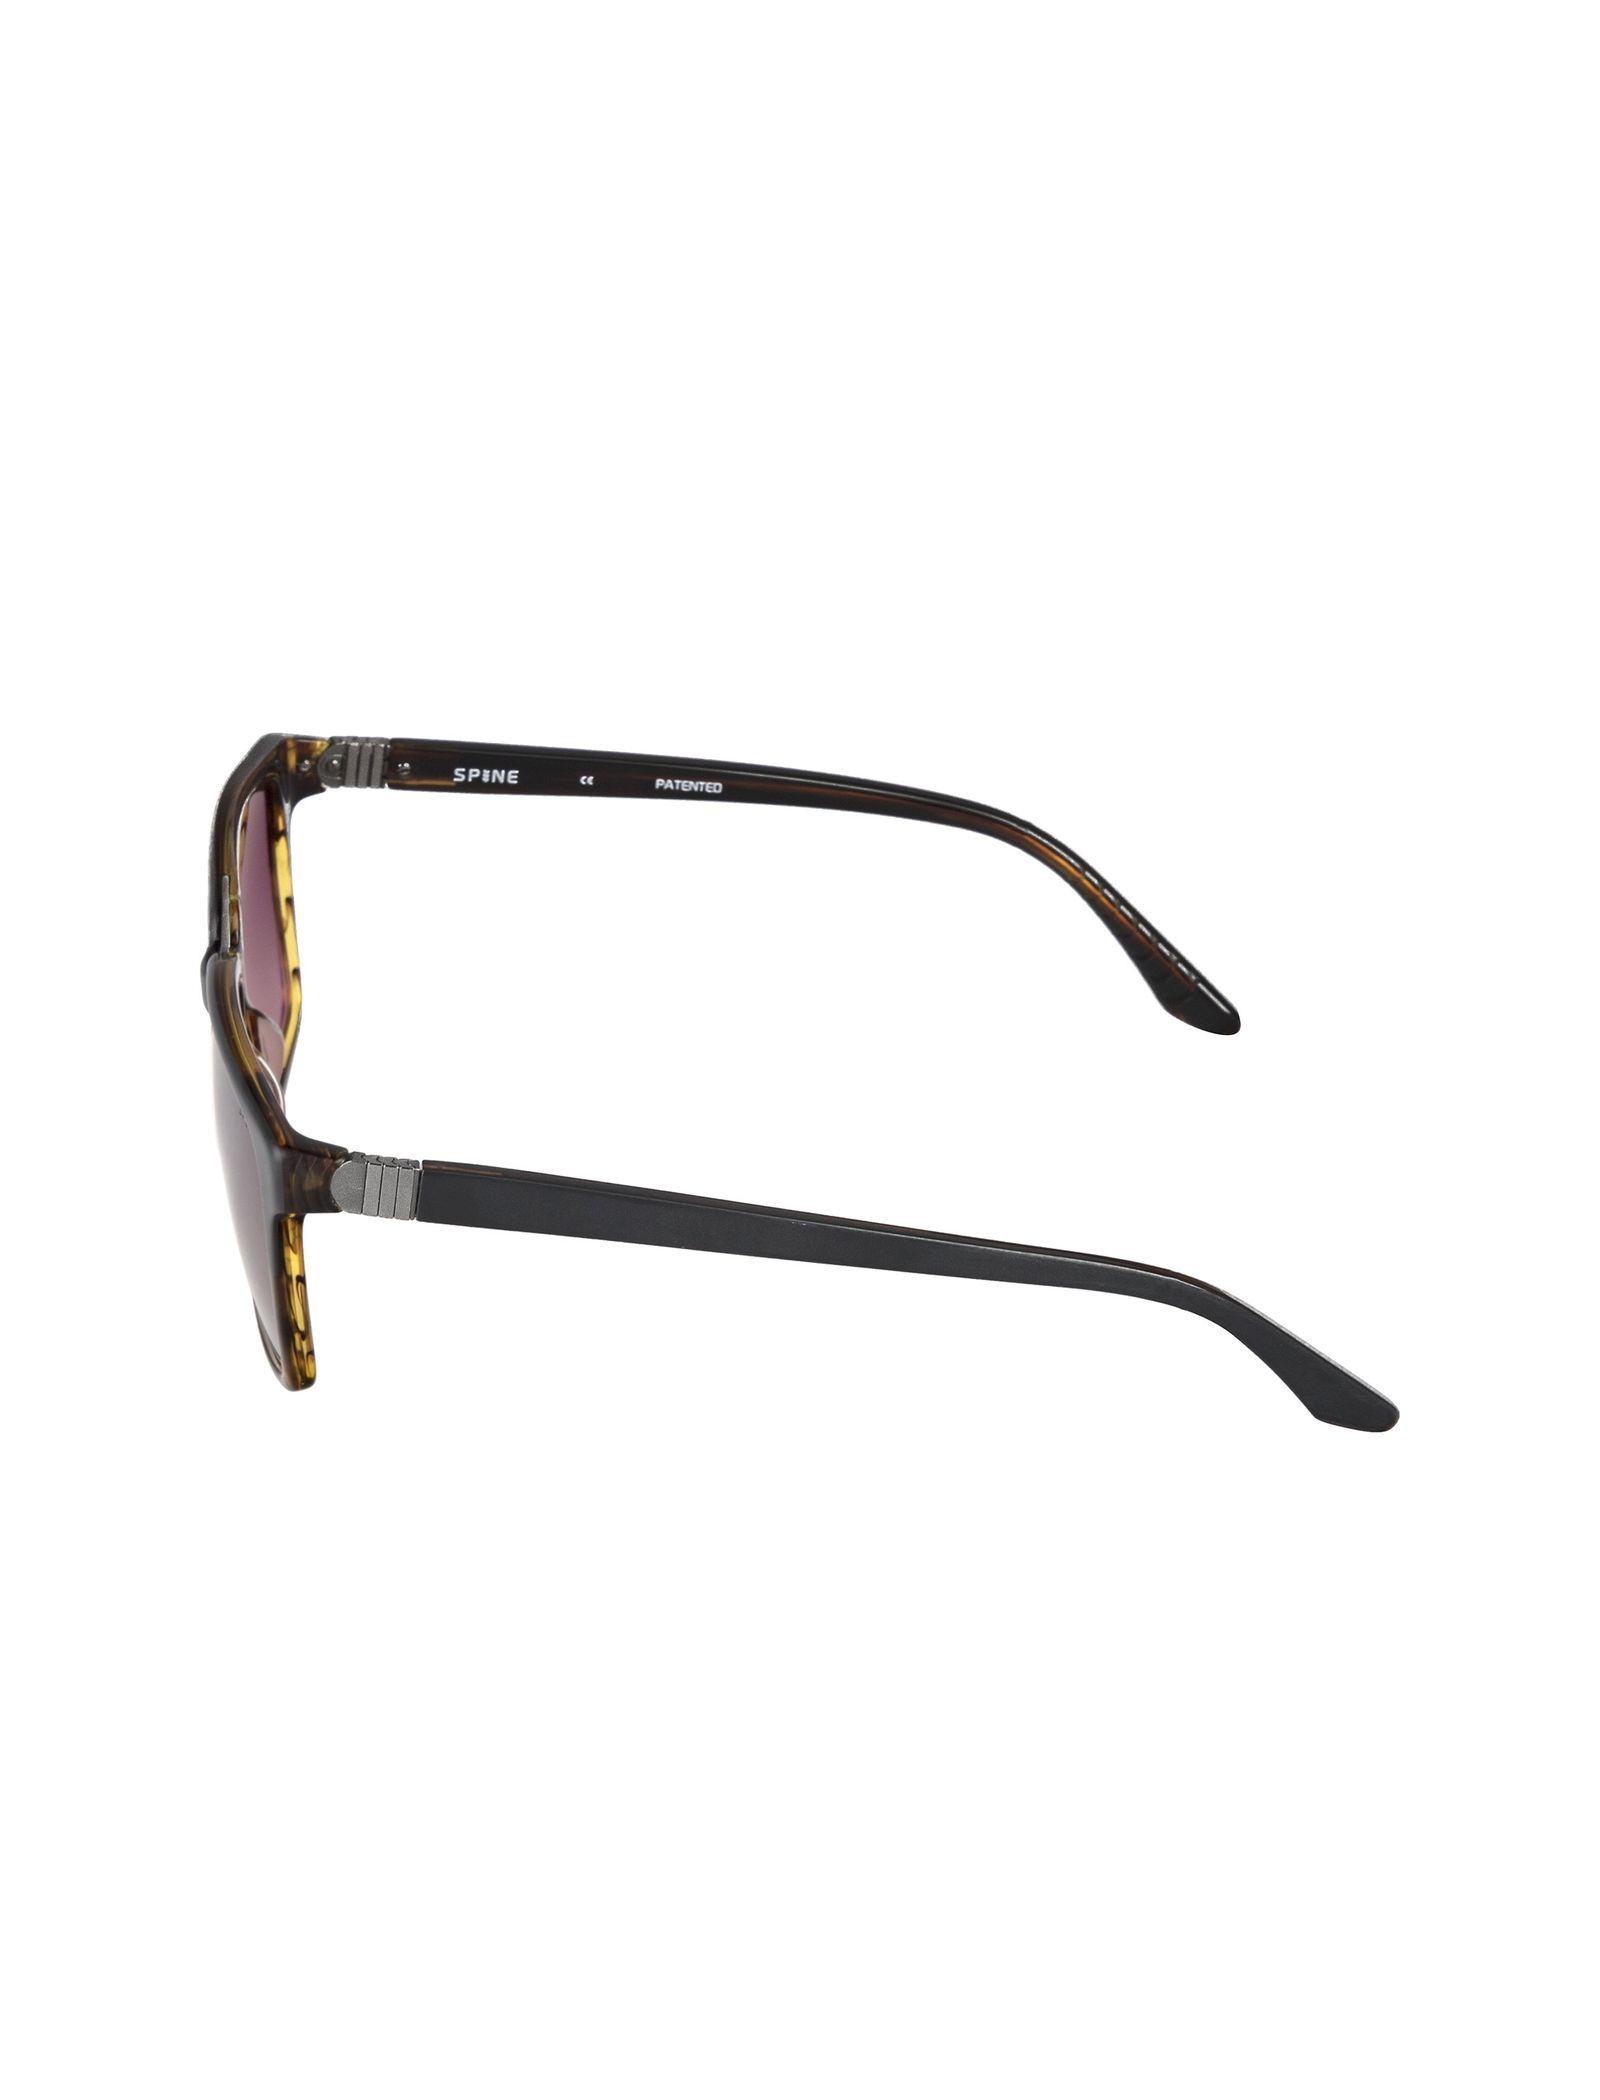 عینک آفتابی ویفرر مردانه - اسپاین - طوسي و قهوه اي - 3